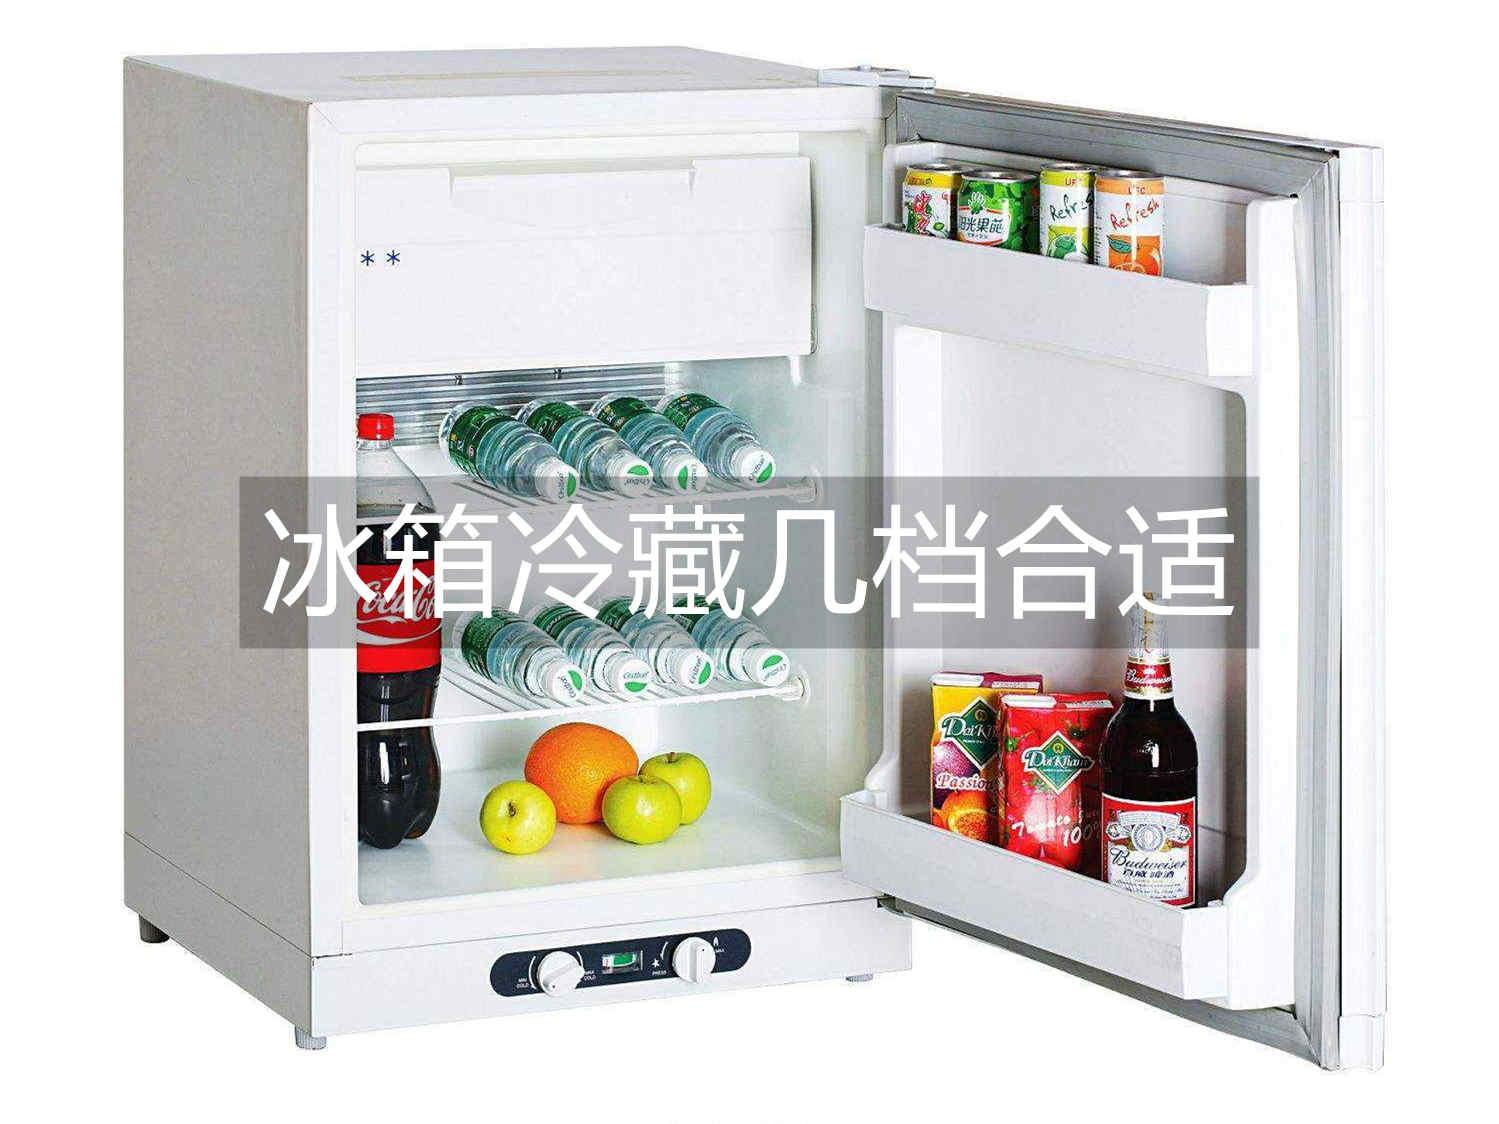 冰箱冷藏几档合适_冰箱冷藏几档合适秋天